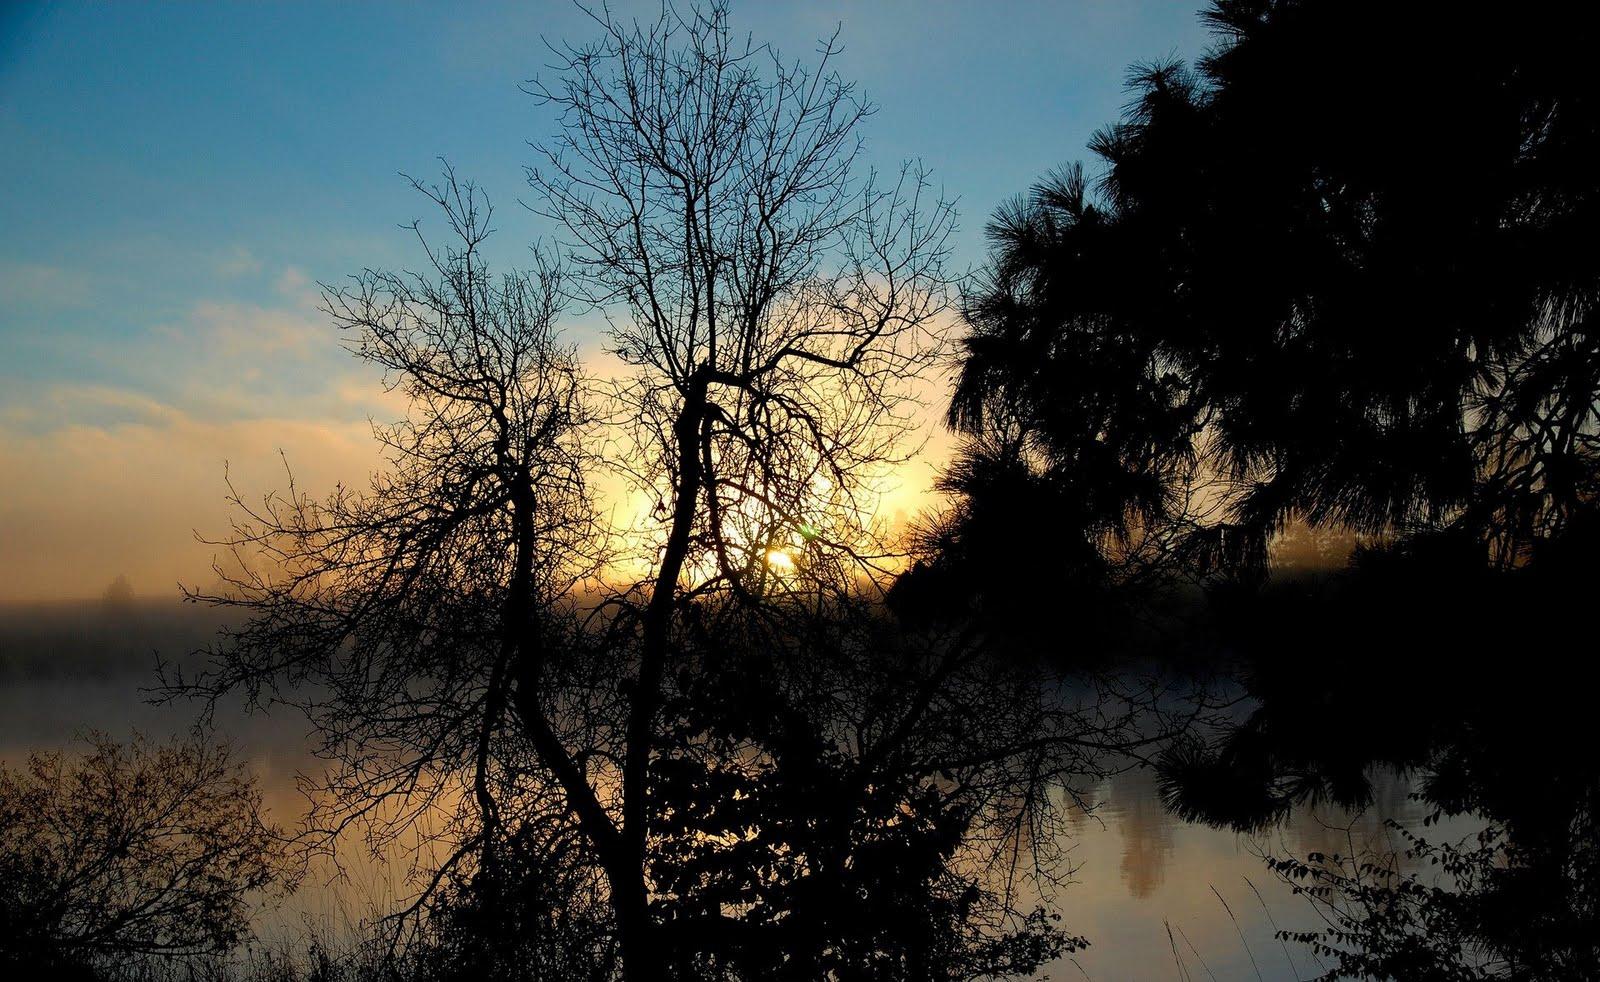 Atardecer y amanecer (Imagenes Sorprendentes)